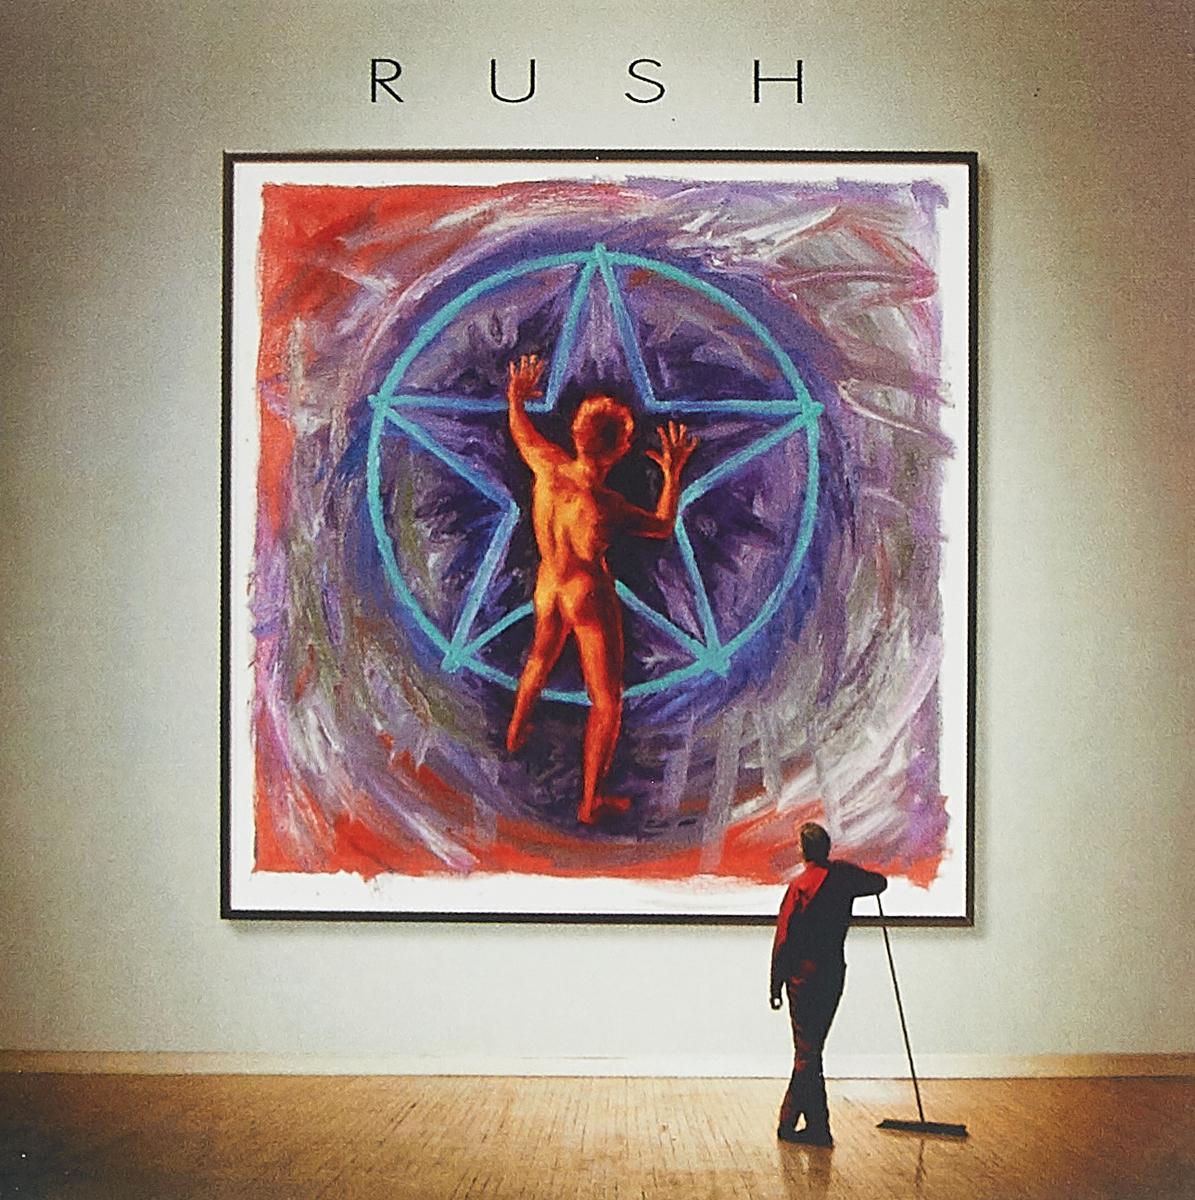 Rush Rush. Retrospective Vol.1 (1974-1980) rush rush kiel auditorium st louis mo february 14 1980 2 lp